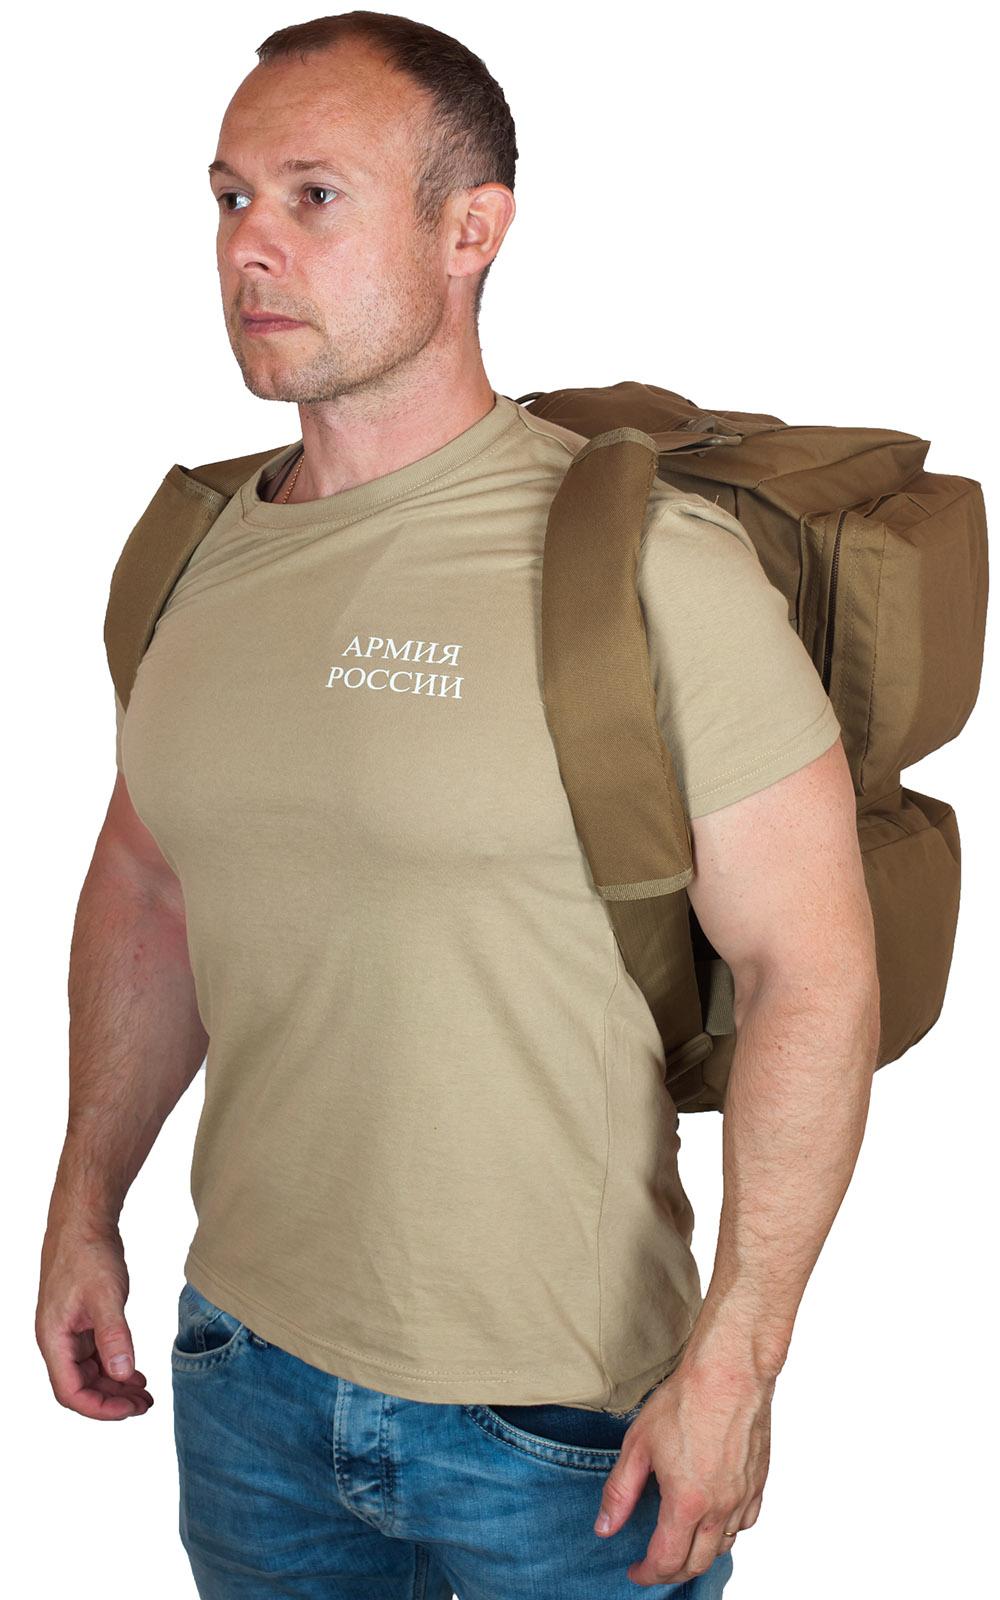 Мужская дорожная сумка-рюкзак Армения